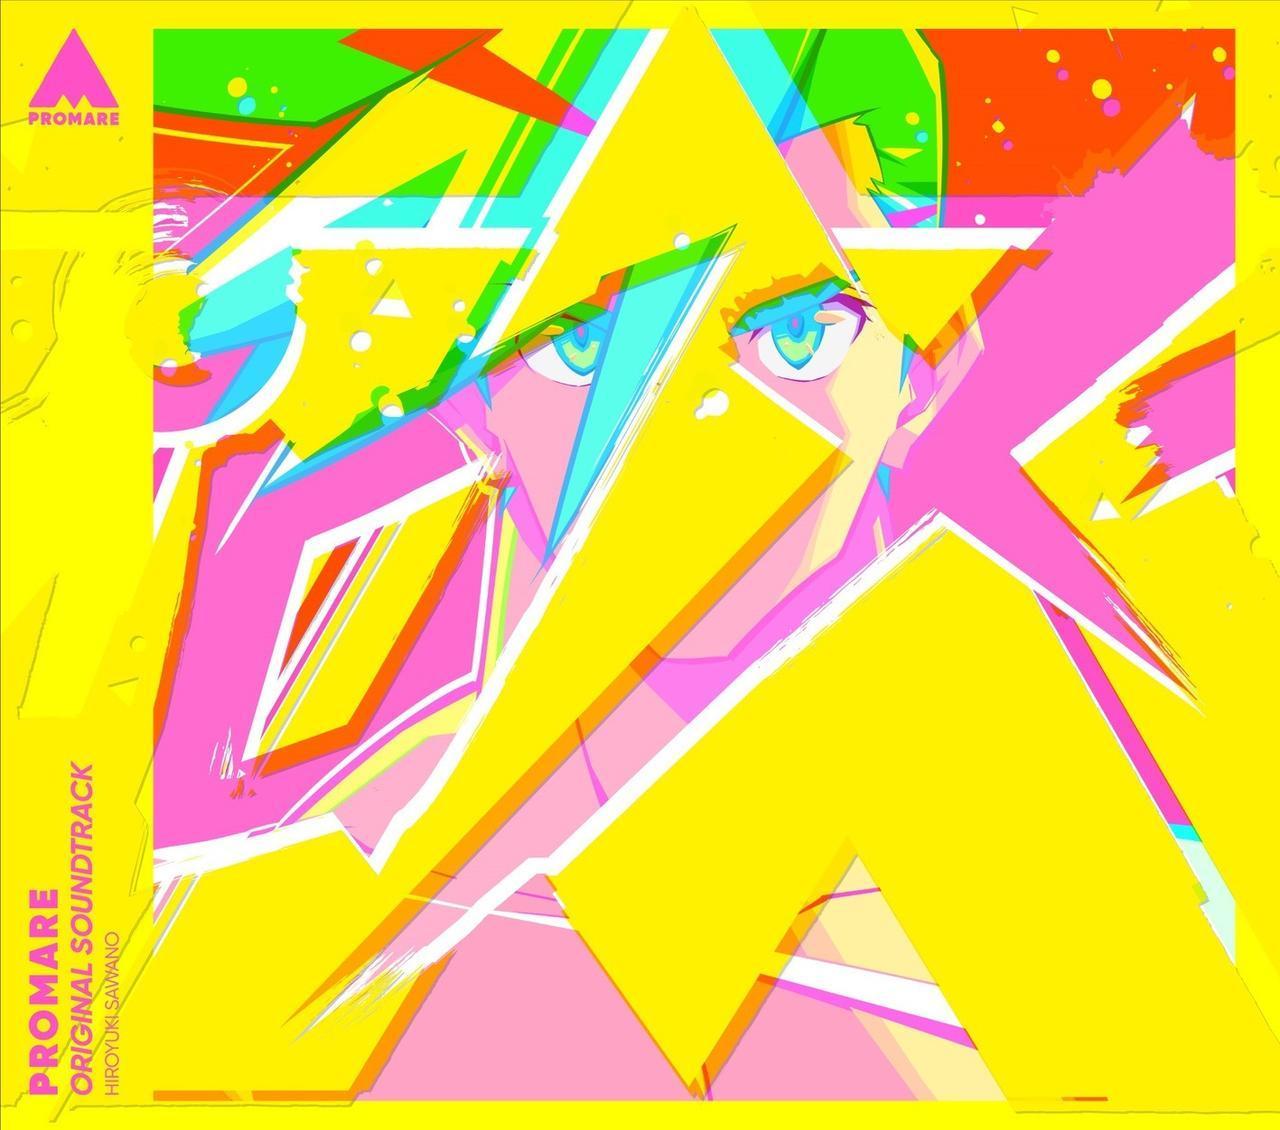 画像: 「プロメア」オリジナルサウンドトラック / 澤野 弘之